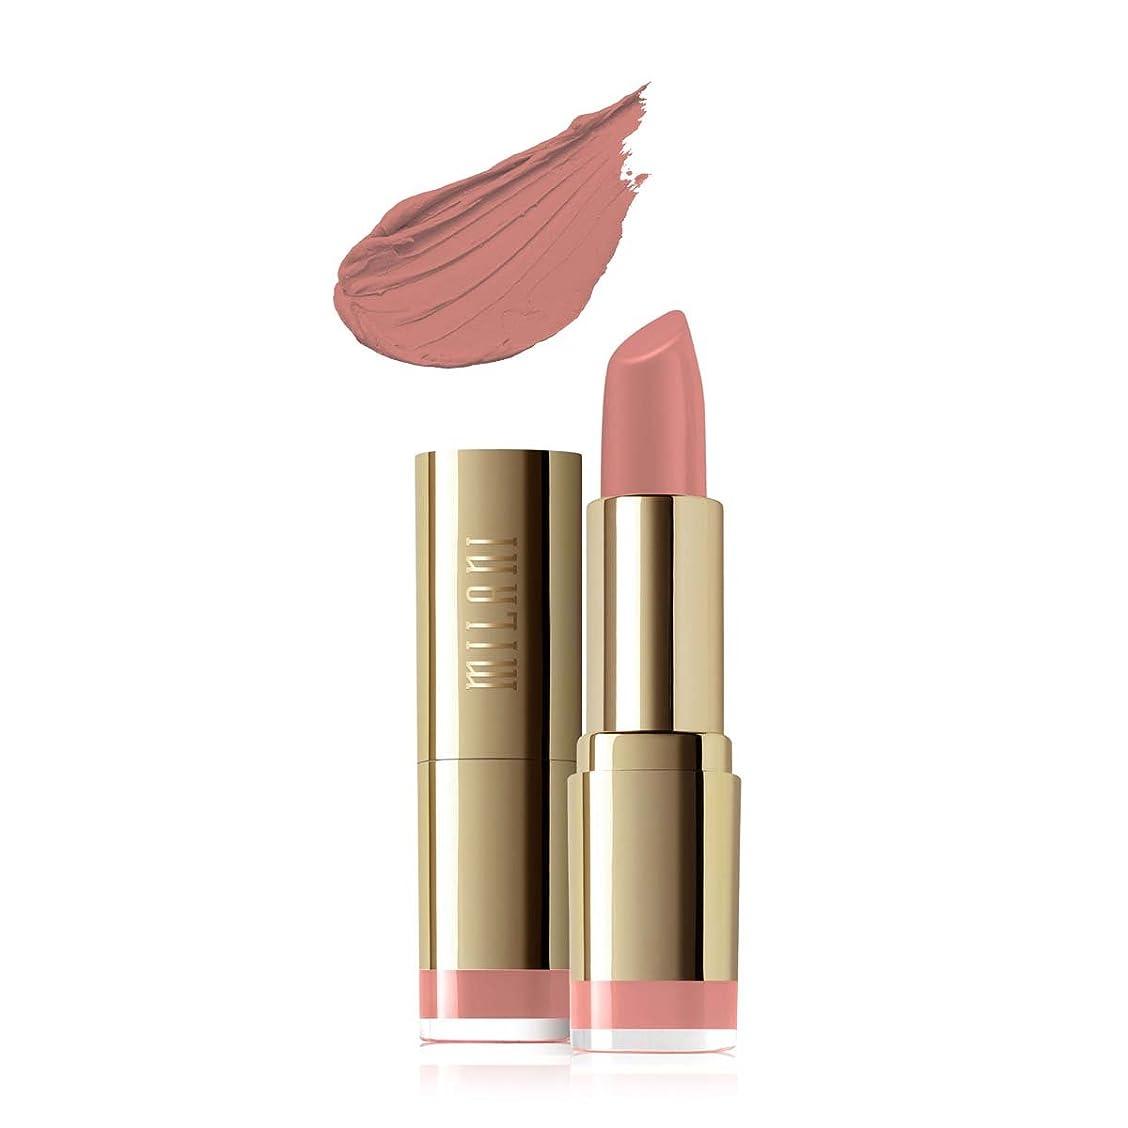 不愉快に目を覚ますストライクMILANI Color Statement Moisture Matte Lipstick - Matte Naked (Vegan) (並行輸入品)